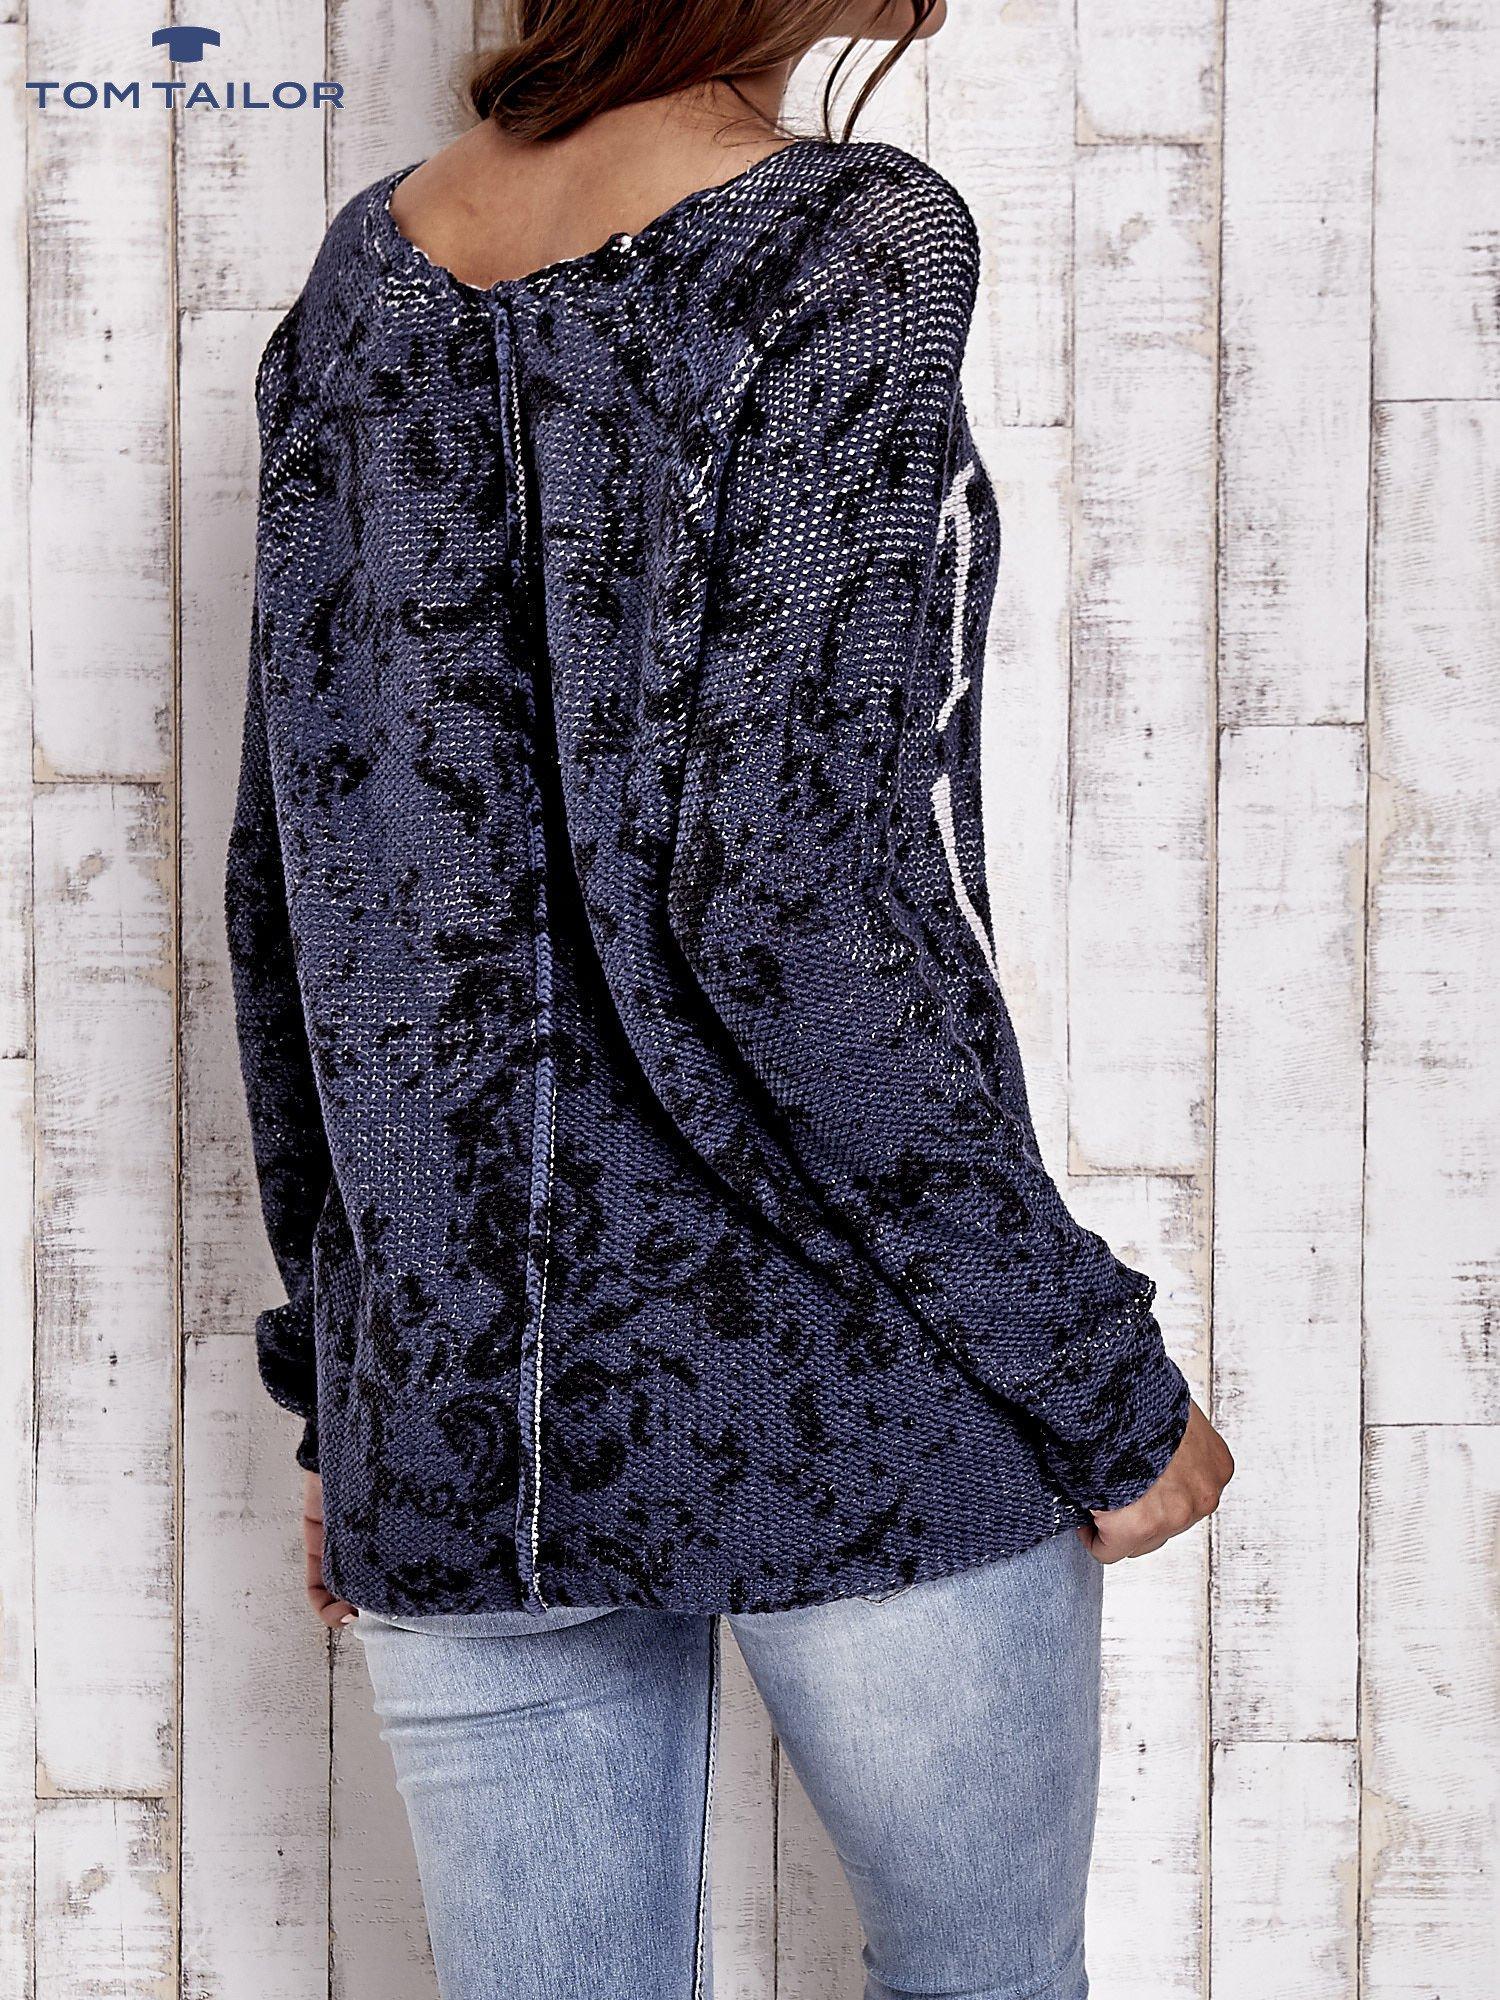 TOM TAILOR Granatowy sweter z literowym nadrukiem i cekinami                                  zdj.                                  2